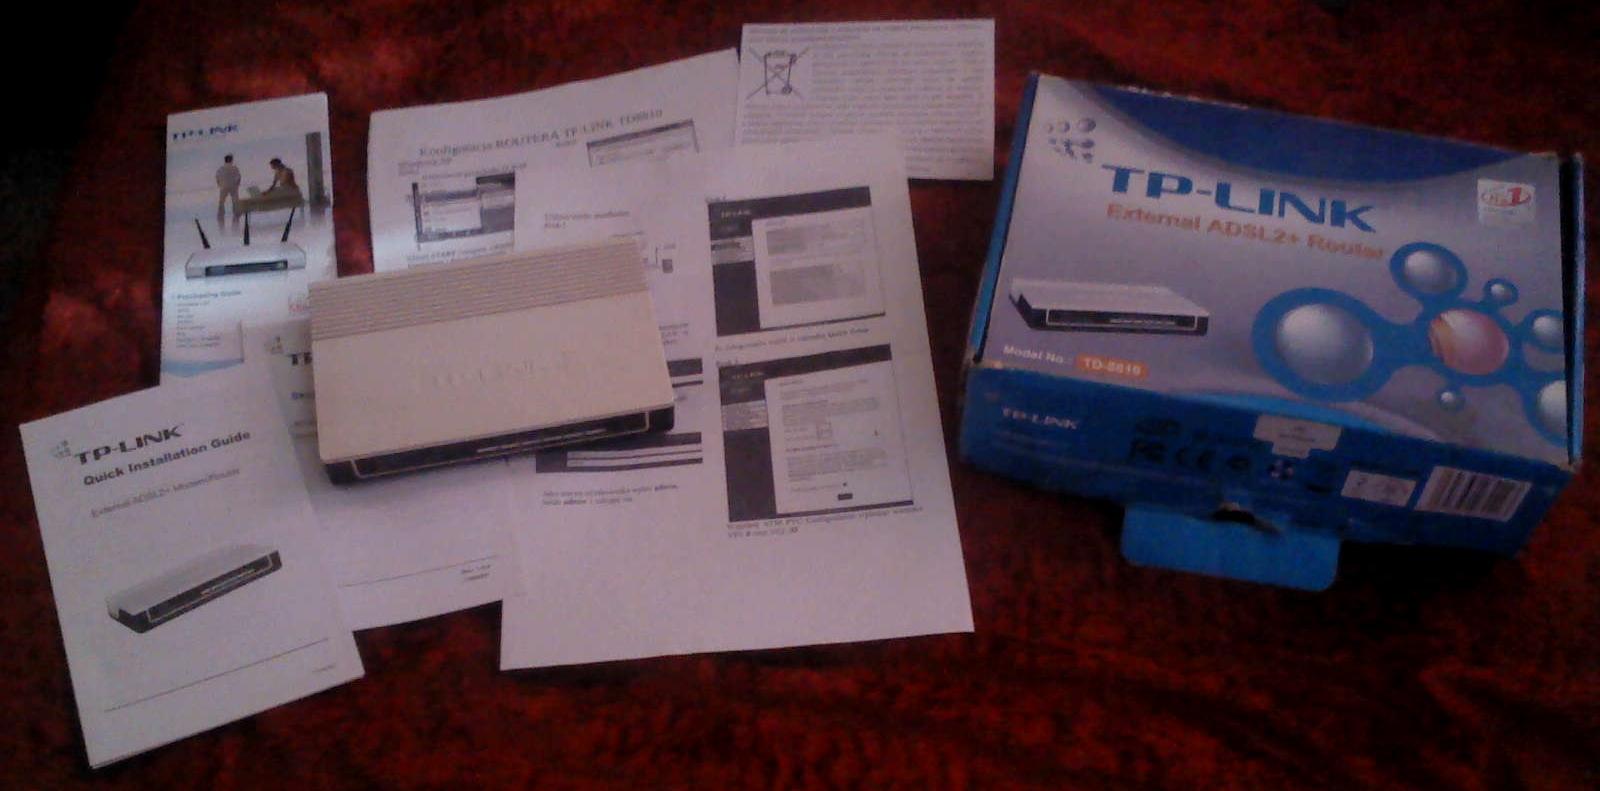 [Sprzedam] Router TP-link TD-8810 za dyszk�